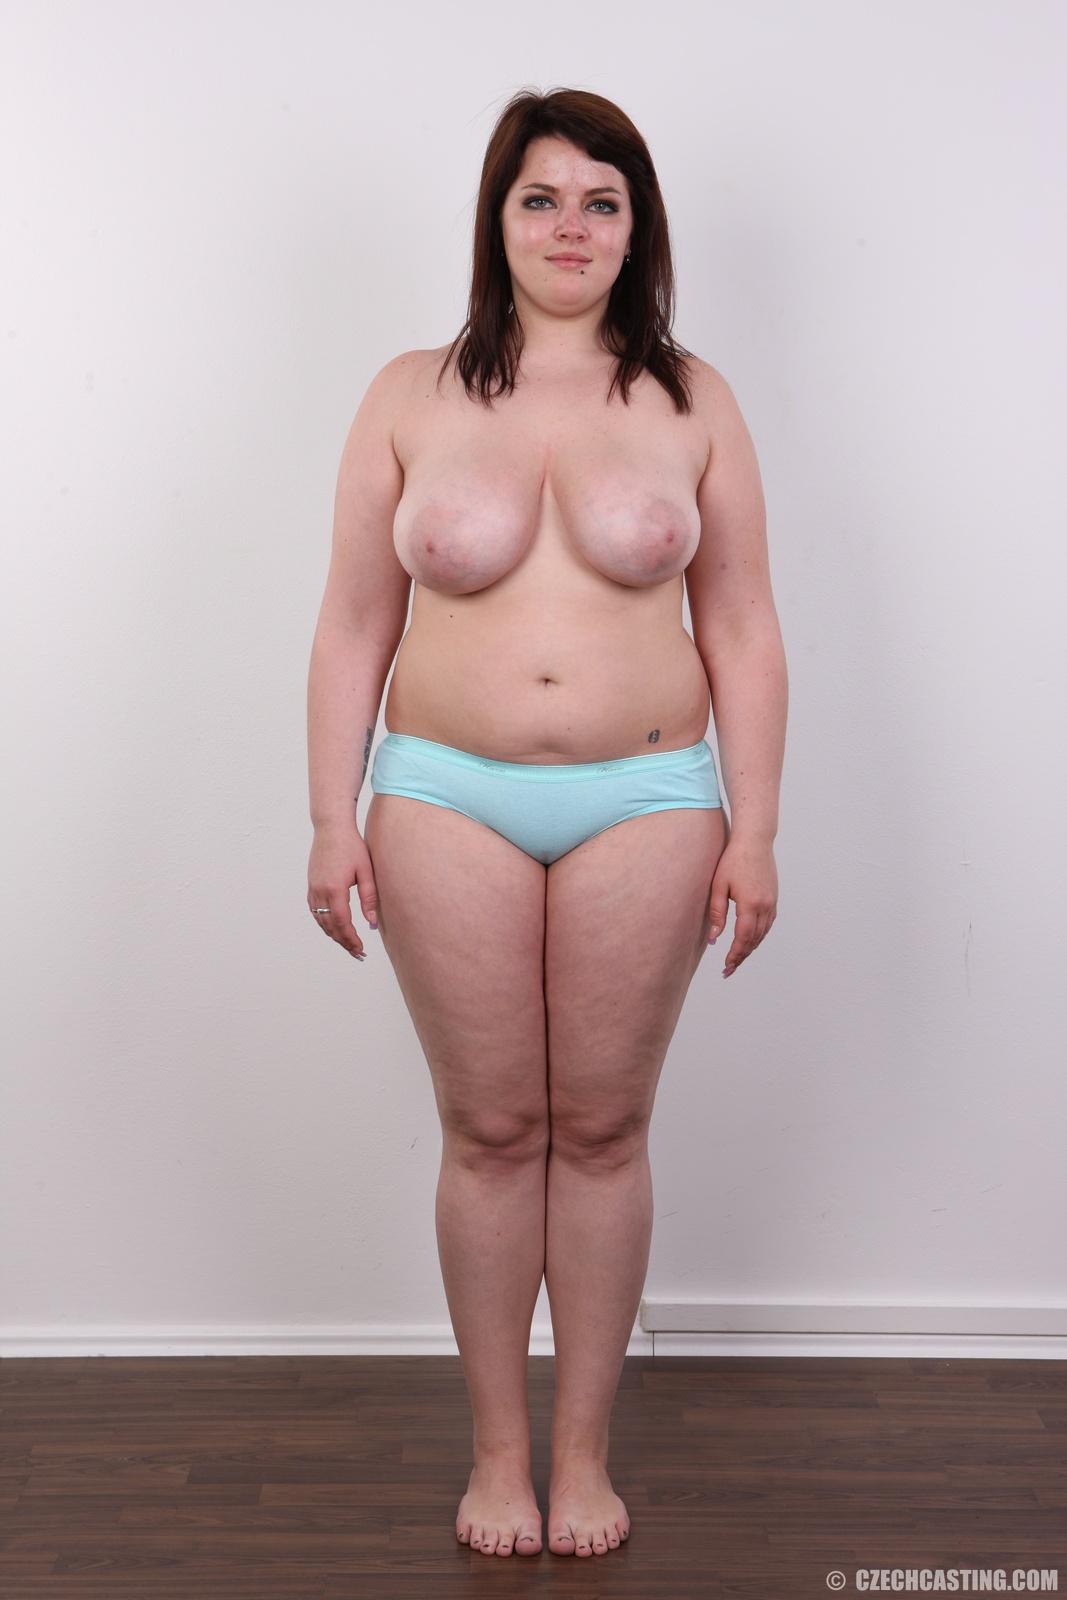 female virgins in alabama jpg 1152x768